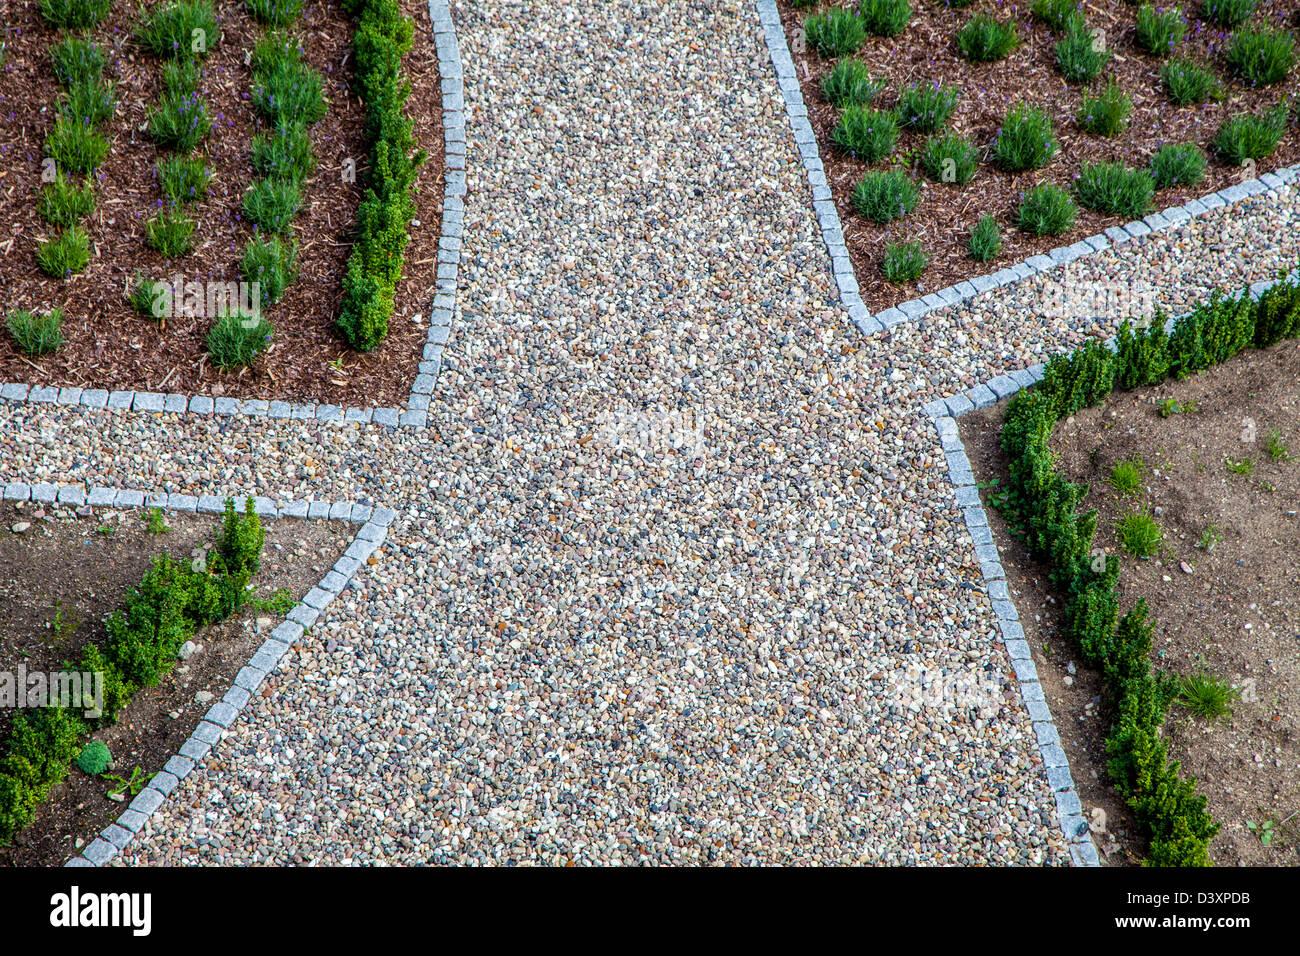 Carrefour, le chemin avec des cailloux, dans un jardin. Photo Stock